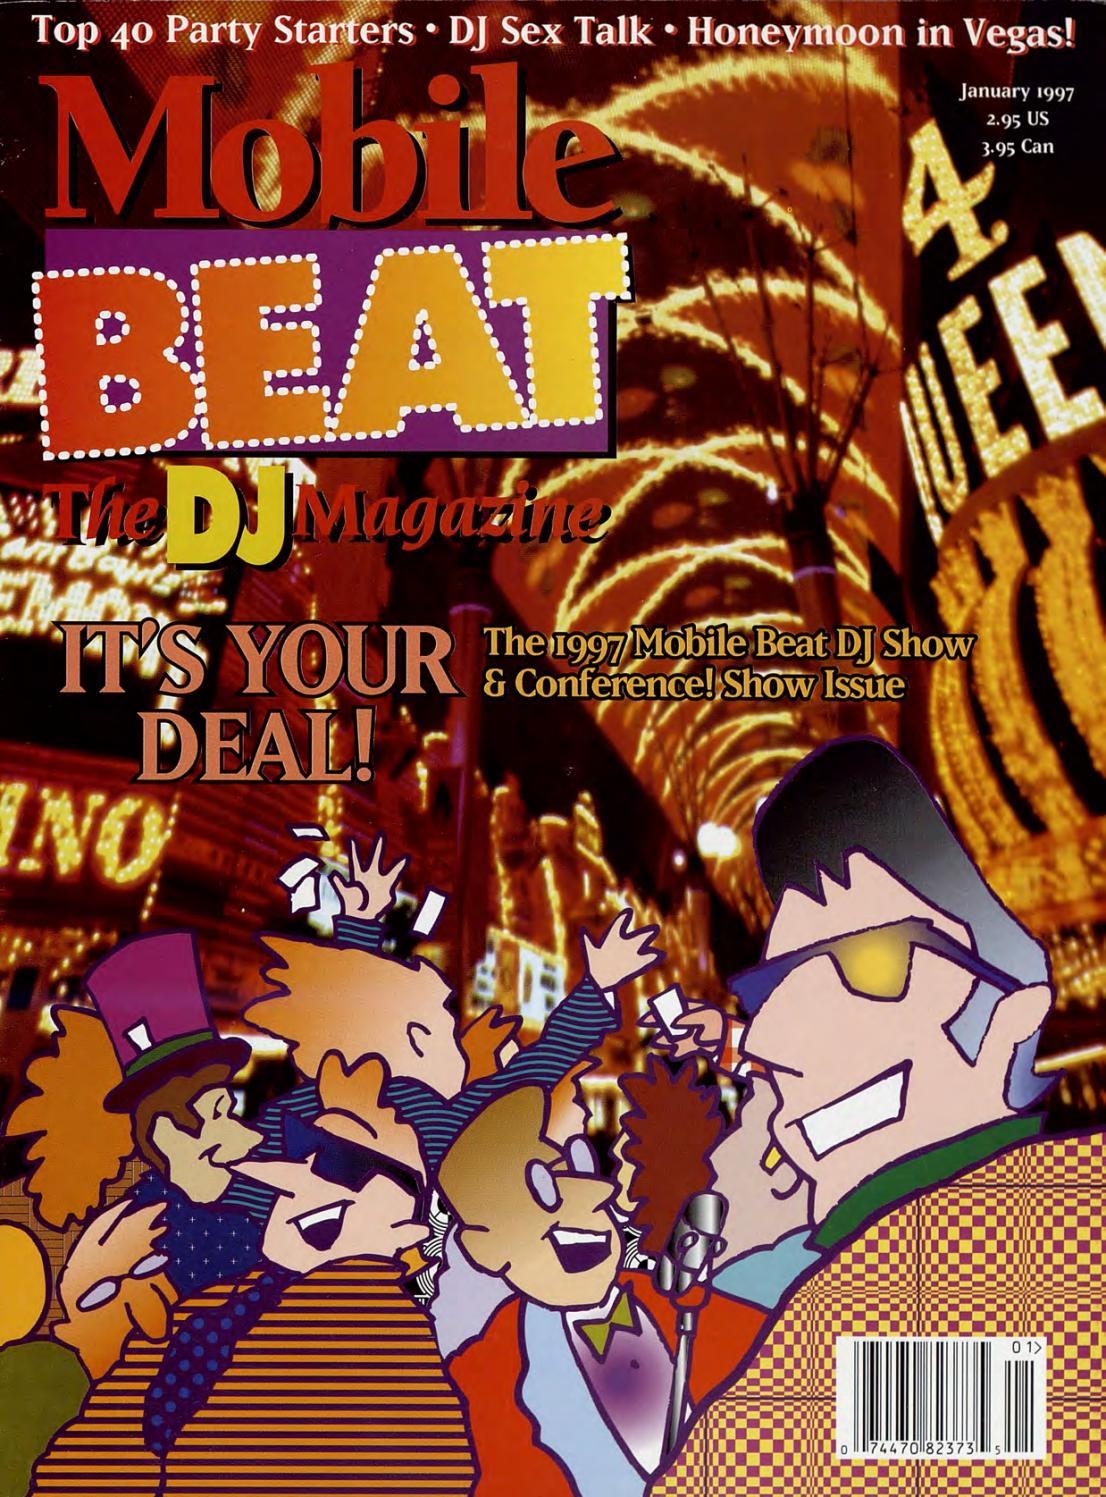 EQUALIZER EL T SHIRT DISCO MUSIC RAVE PARTY LIGHT LIGHTING DJ LITE UP LED LASER